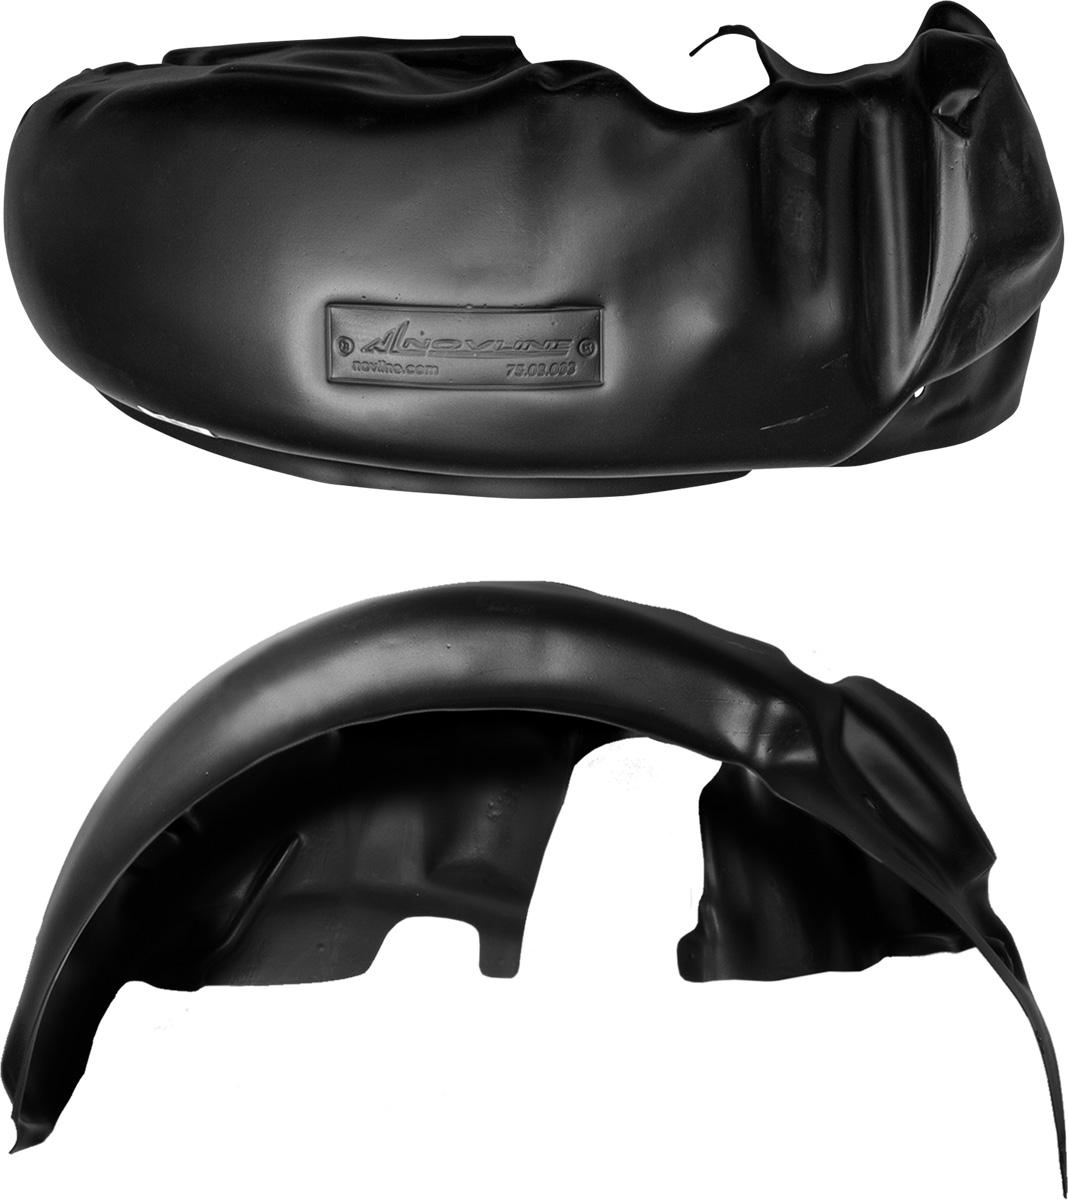 Подкрылок CHEVROLET Spark 2010->, задний левый2706 (ПО)Колесные ниши – одни из самых уязвимых зон днища вашего автомобиля. Они постоянно подвергаются воздействию со стороны дороги. Лучшая, почти абсолютная защита для них - специально отформованные пластиковые кожухи, которые называются подкрылками, или локерами. Производятся они как для отечественных моделей автомобилей, так и для иномарок. Подкрылки выполнены из высококачественного, экологически чистого пластика. Обеспечивают надежную защиту кузова автомобиля от пескоструйного эффекта и негативного влияния, агрессивных антигололедных реагентов. Пластик обладает более низкой теплопроводностью, чем металл, поэтому в зимний период эксплуатации использование пластиковых подкрылков позволяет лучше защитить колесные ниши от налипания снега и образования наледи. Оригинальность конструкции подчеркивает элегантность автомобиля, бережно защищает нанесенное на днище кузова антикоррозийное покрытие и позволяет осуществить крепление подкрылков внутри колесной арки практически без дополнительного крепежа и сверления, не нарушая при этом лакокрасочного покрытия, что предотвращает возникновение новых очагов коррозии. Технология крепления подкрылков на иномарки принципиально отличается от крепления на российские автомобили и разрабатывается индивидуально для каждой модели автомобиля. Подкрылки долговечны, обладают высокой прочностью и сохраняют заданную форму, а также все свои физико-механические характеристики в самых тяжелых климатических условиях ( от -50° С до + 50° С).